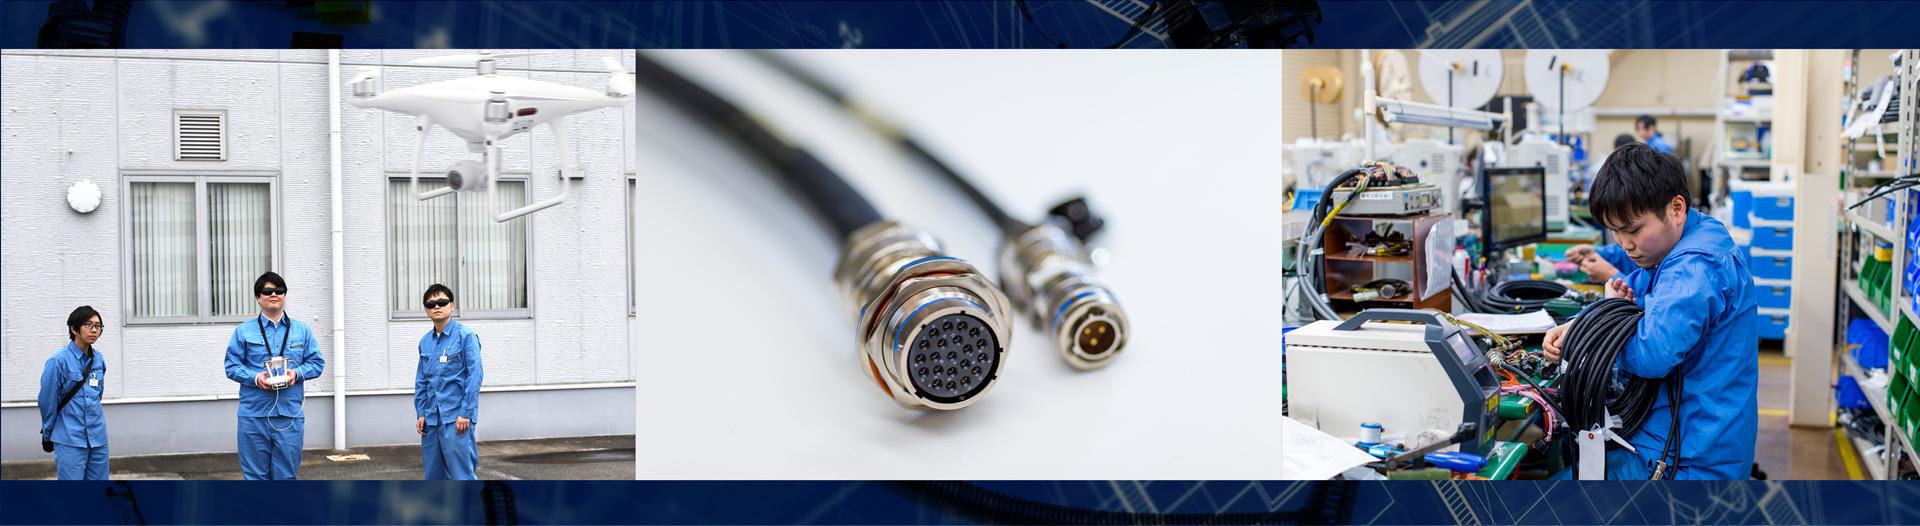 信頼と実績に裏付けられた技術力で、 高品質な製品をお届けいたします。